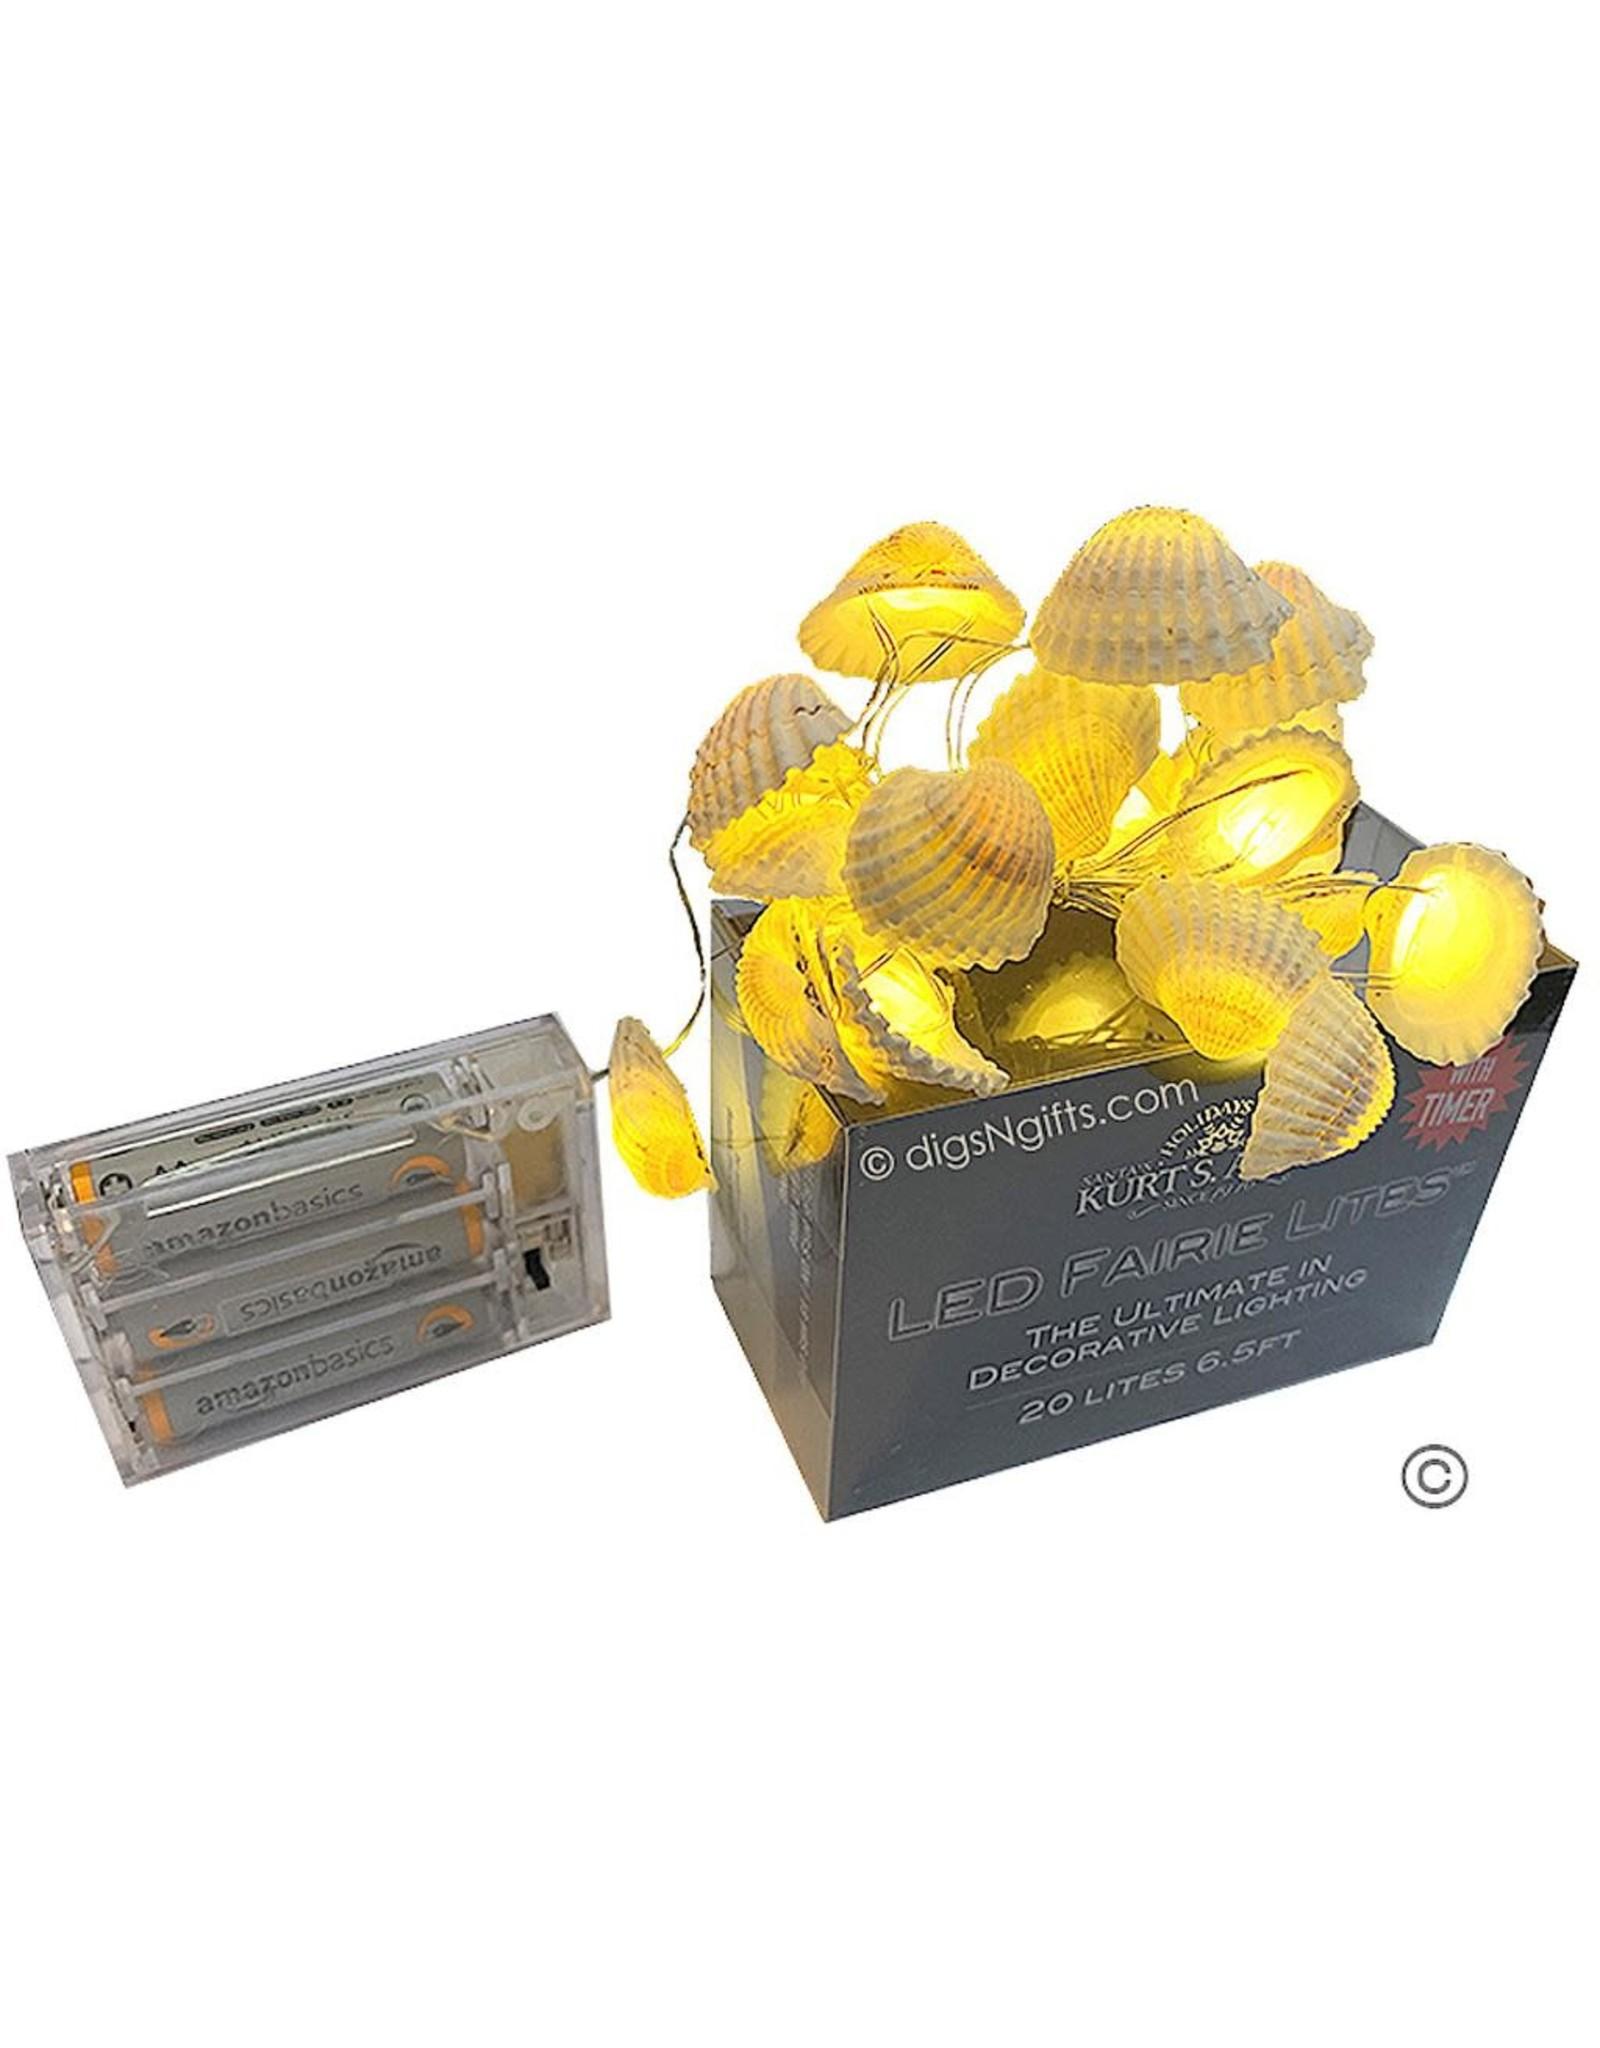 Kurt Adler Shell Fairy Lights 20 Light Set Battery-Operated White Shells